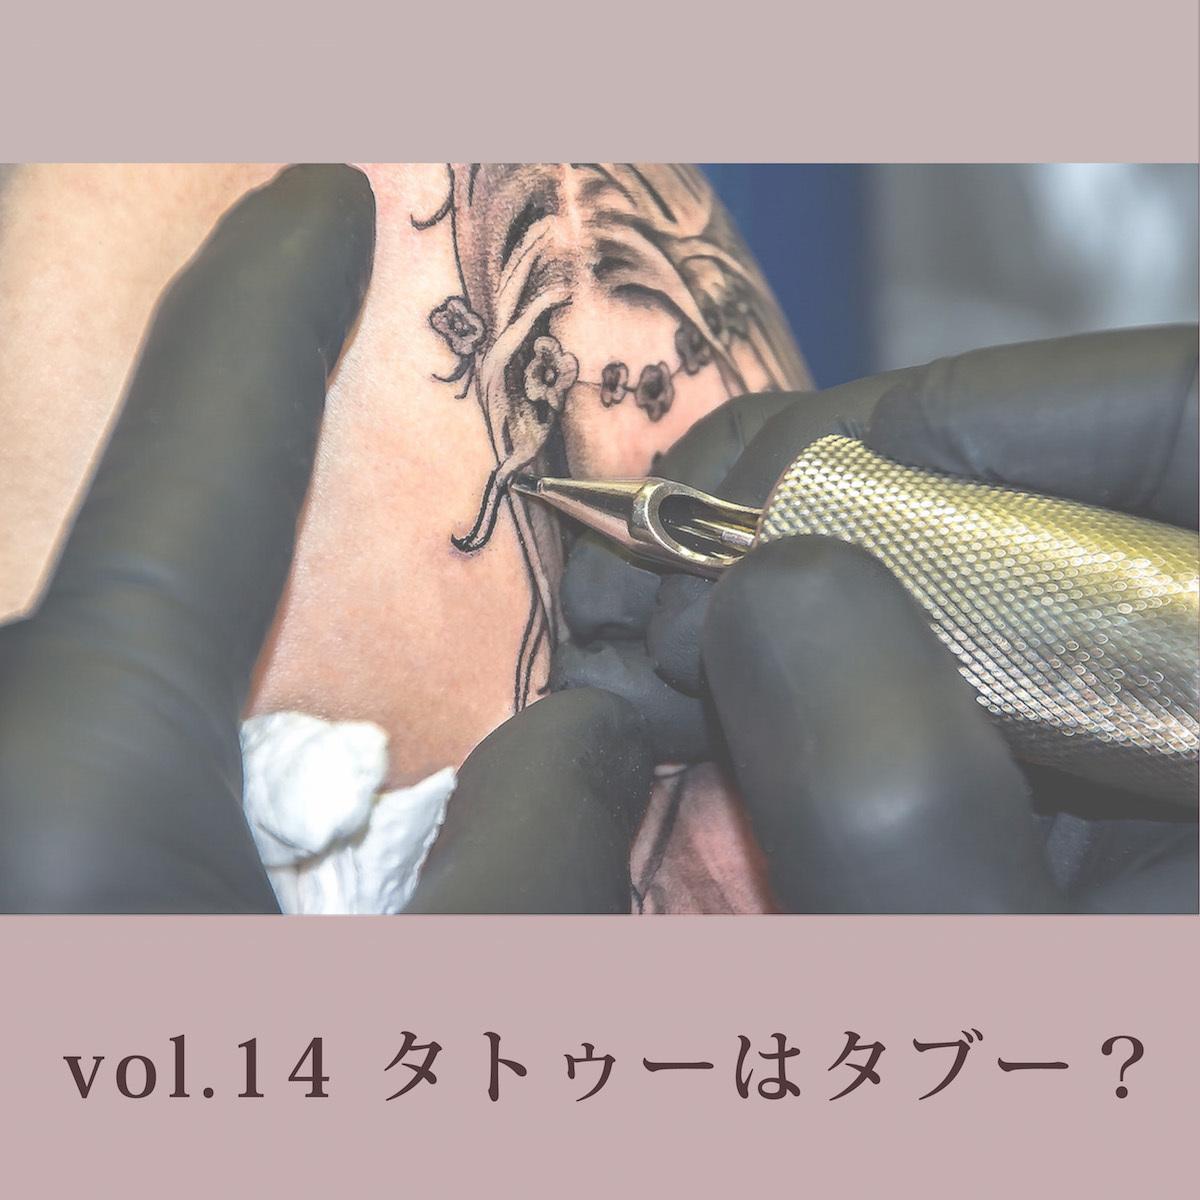 #14 タトゥーはタブー?